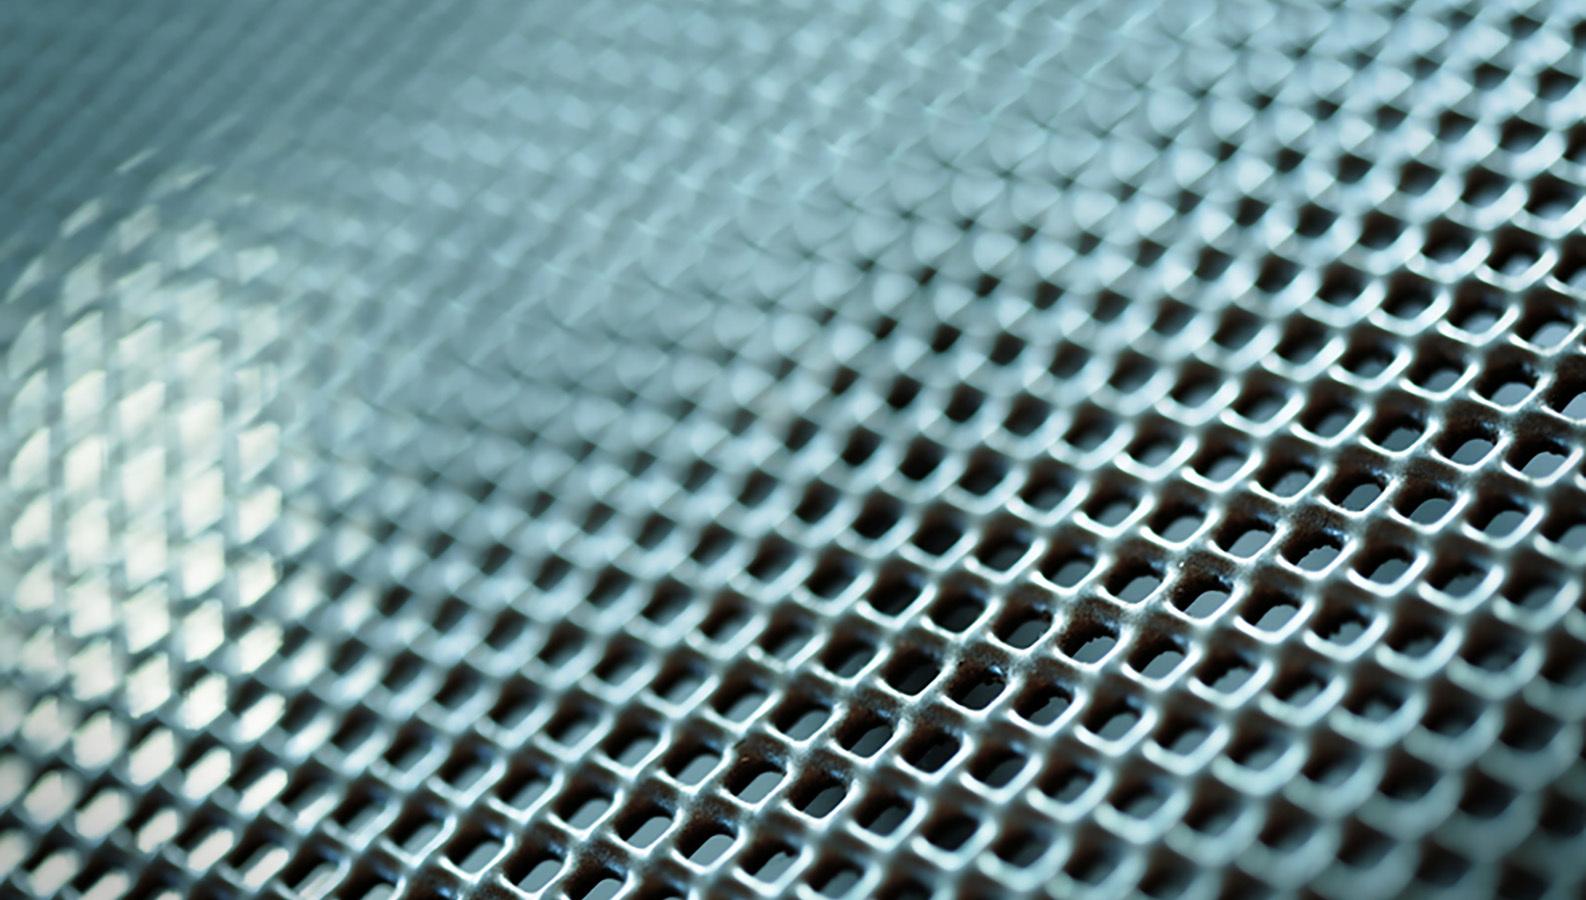 Титановый шелк – имплантат будущего